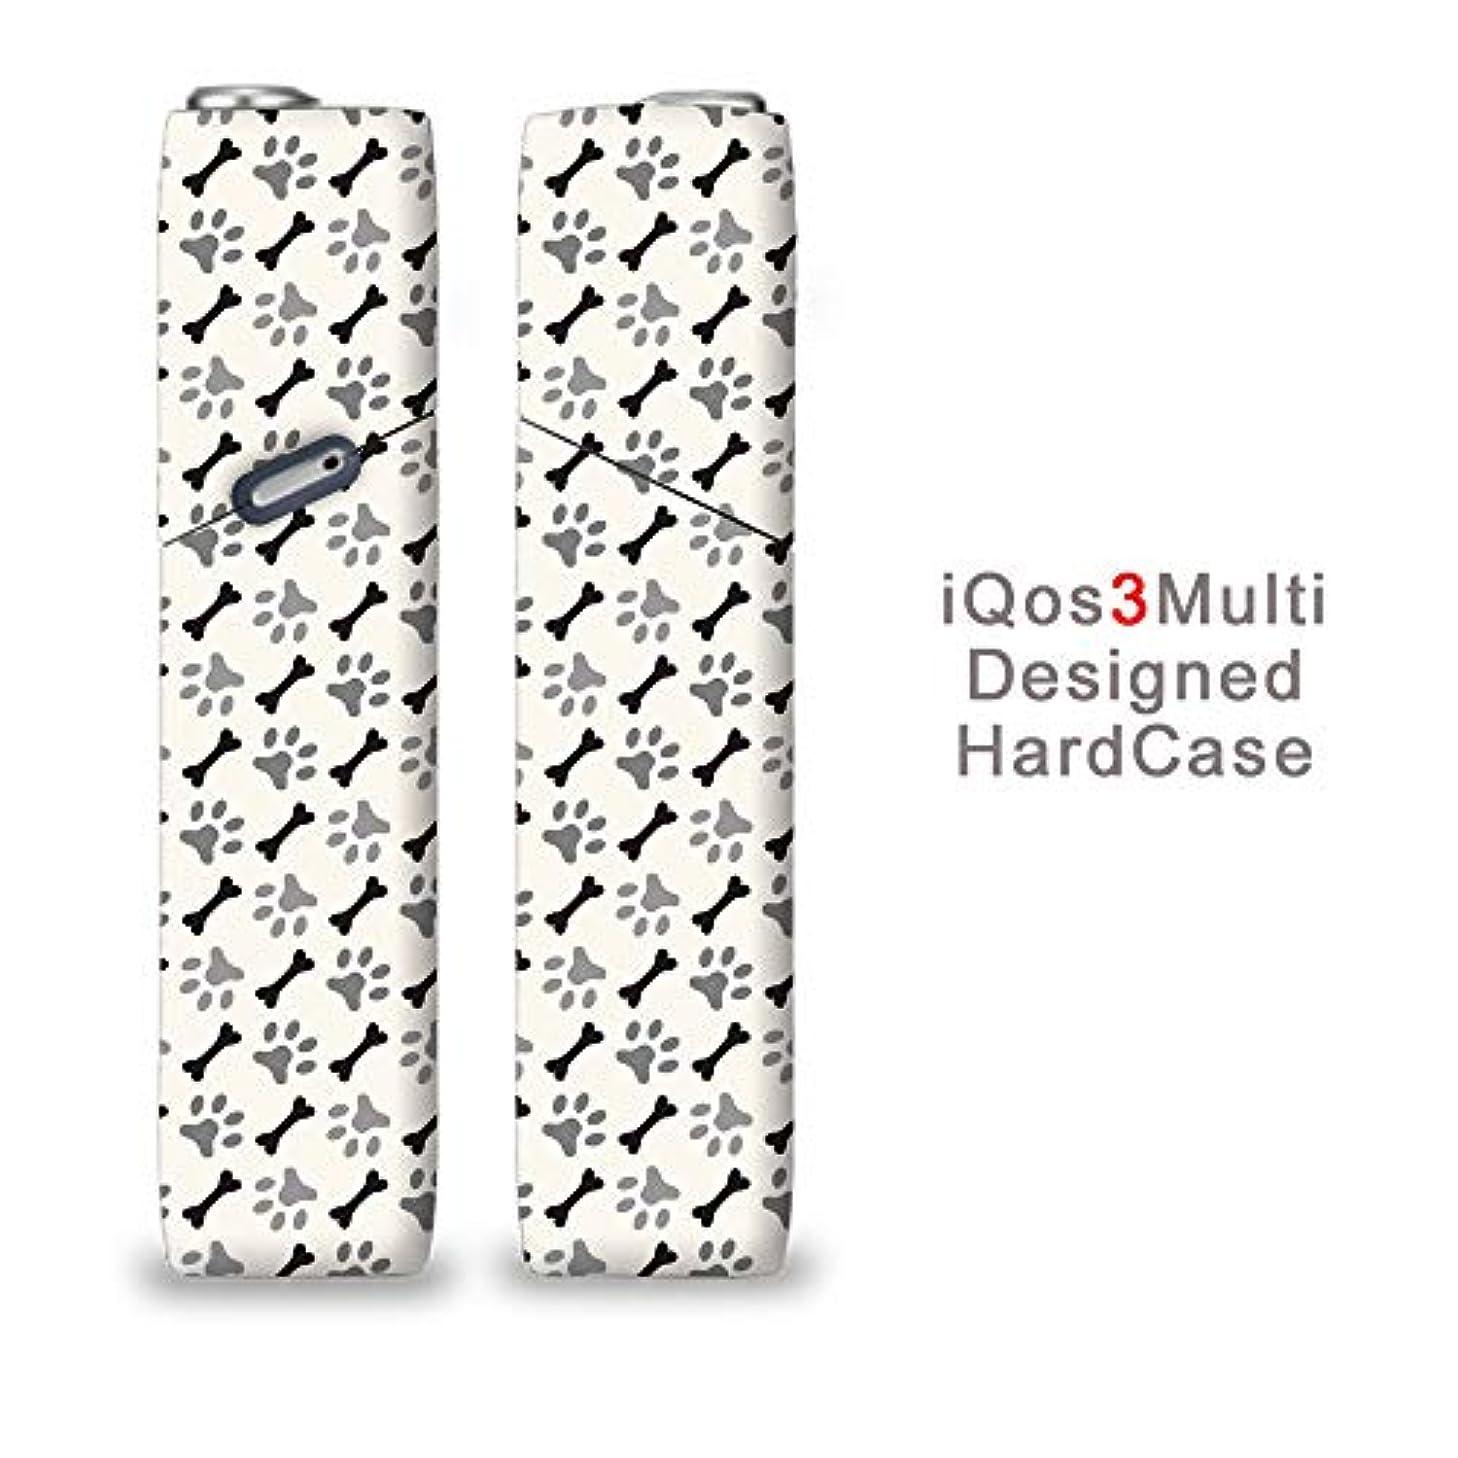 一見もしガレージ完全国内受注生産 iQOS3マルチ用 アイコス3マルチ用 熱転写全面印刷 肉球と骨 加熱式タバコ 電子タバコ 禁煙サポート アクセサリー プラスティックケース ハードケース 日本製